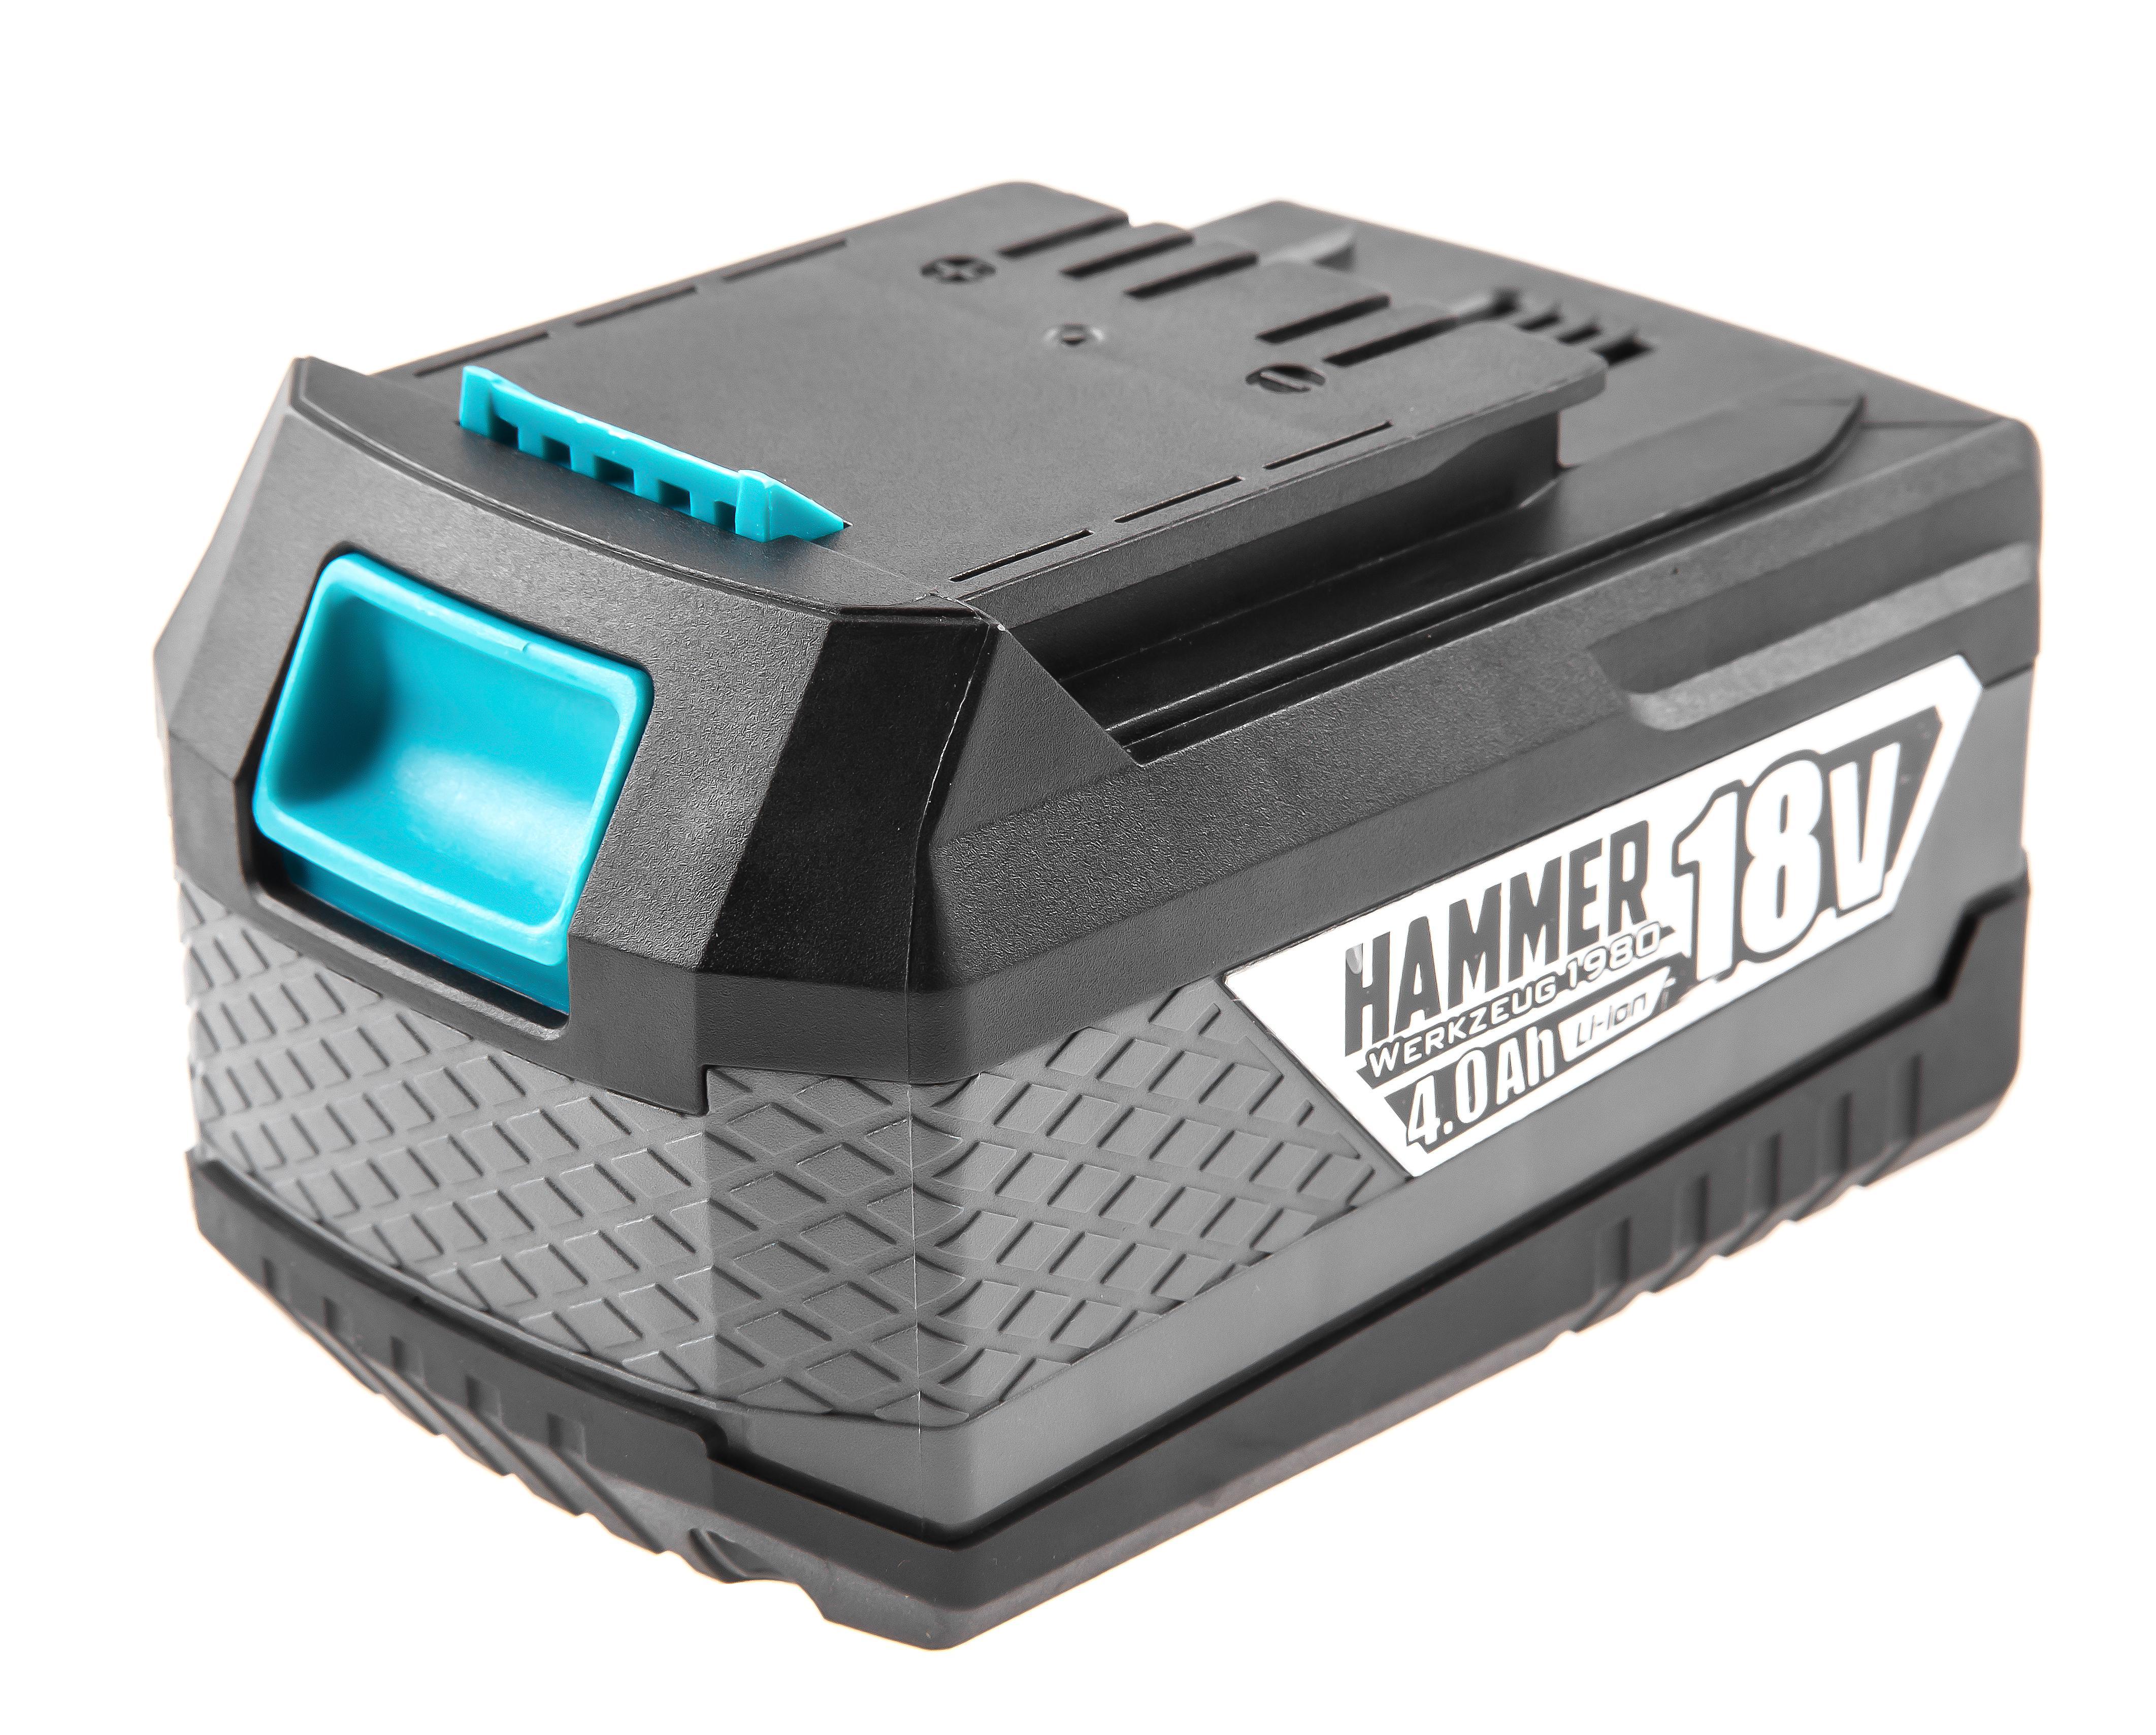 Аккумулятор Hammer 18В 4Ач li-ion (ab1840li premium) аккумулятор hammer premium akb1813li 18в li ion 1 3ач для bosch